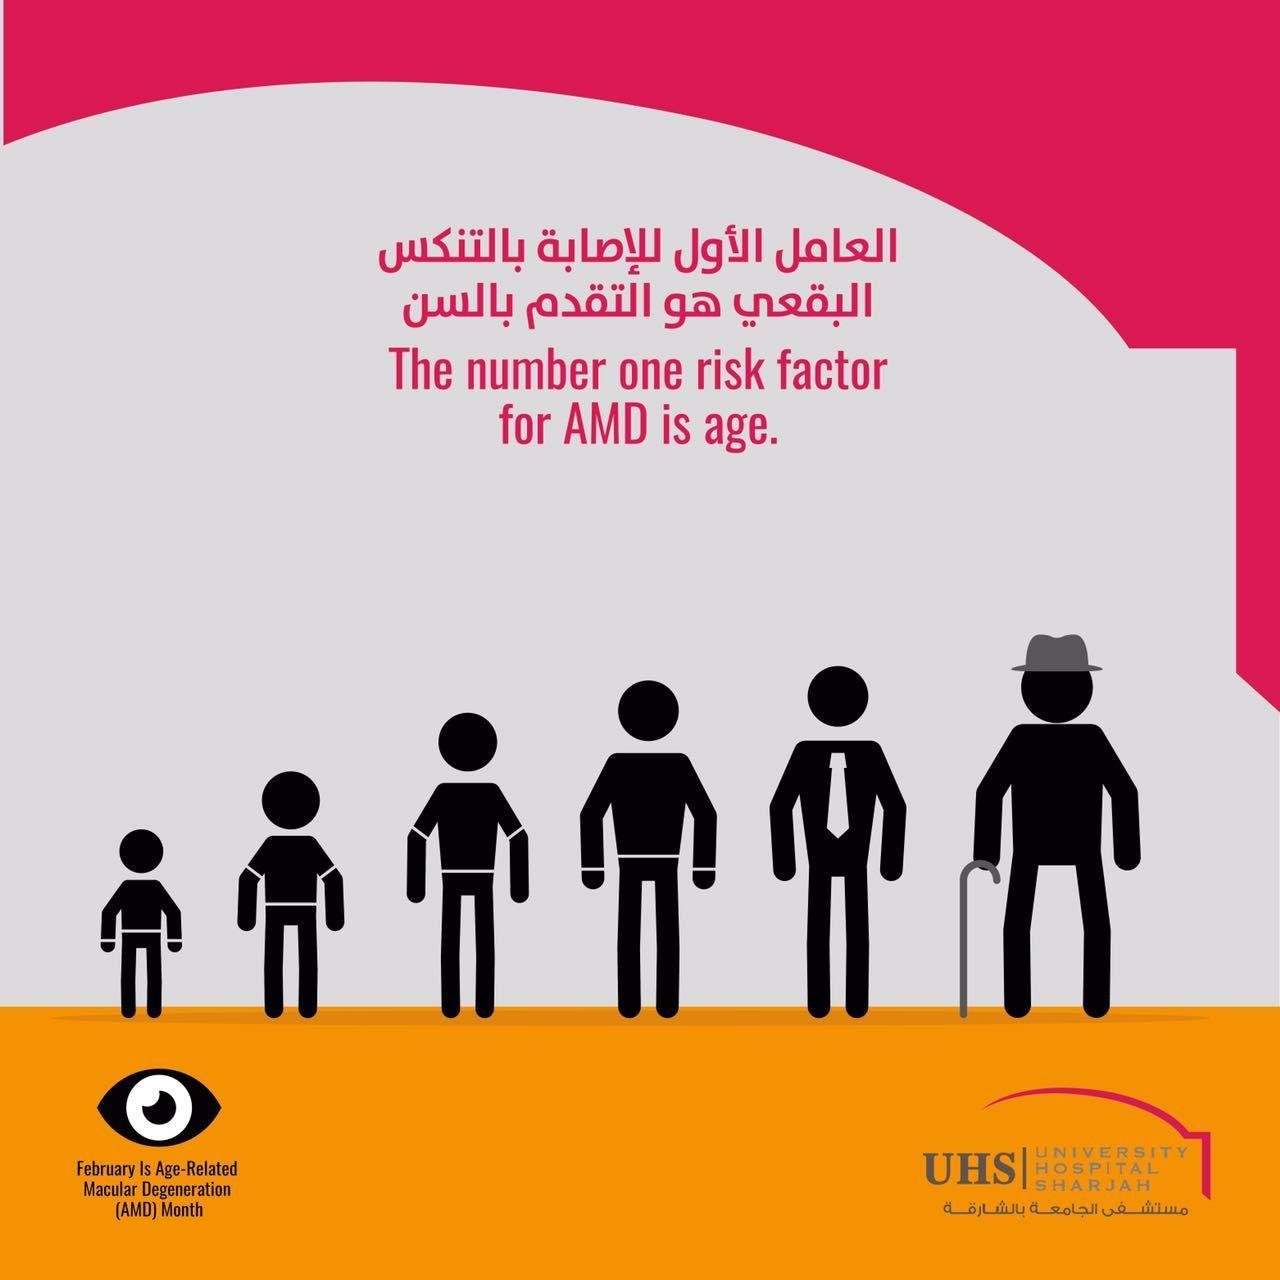 يعاني ثلث البالغين من العمر فوق ال75 عاما من مرض التنكس البقعي حيث أن العامل الأول للإصابة هو التقدم بالسن One Awareness Month Macular Degeneration Awareness